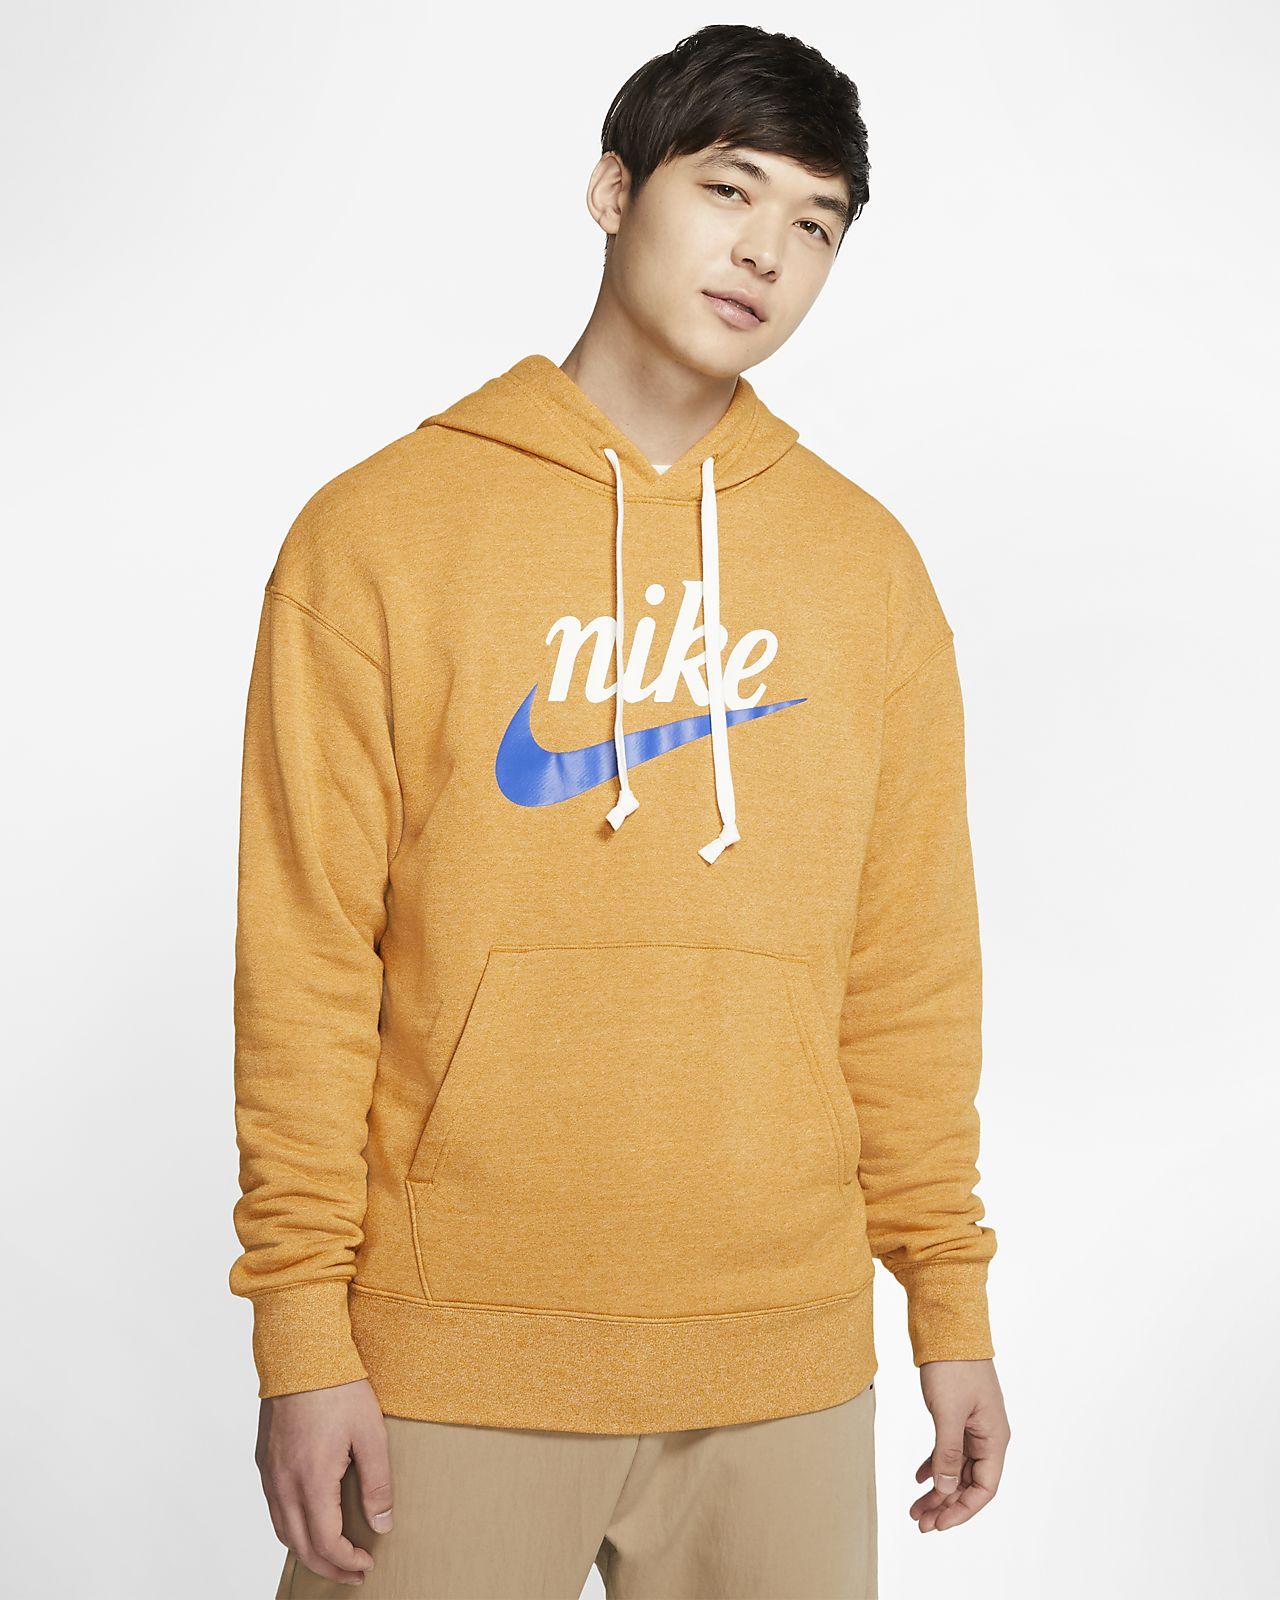 Bestseller Hoodies & Sweatshirts. Nike DE